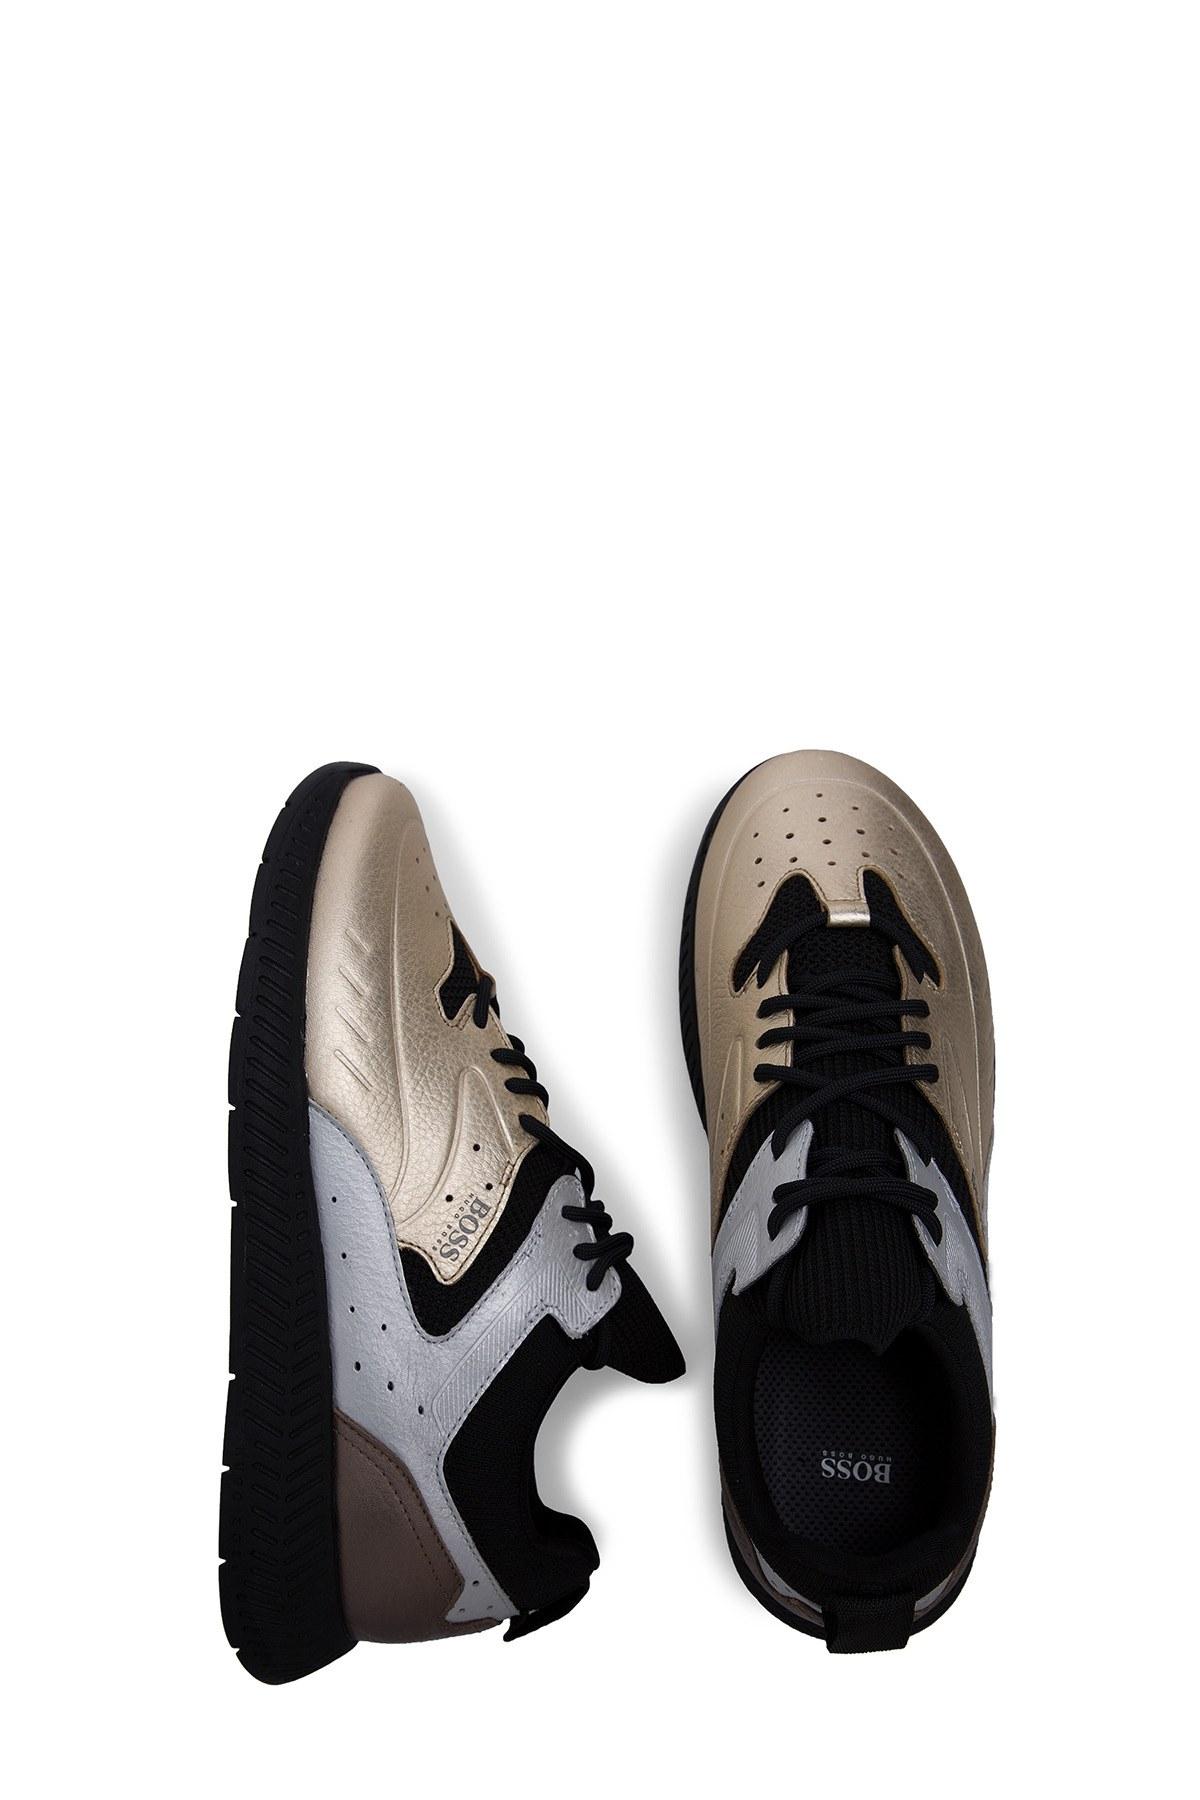 Hugo Boss Erkek Ayakkabı 50430248 715 GOLD